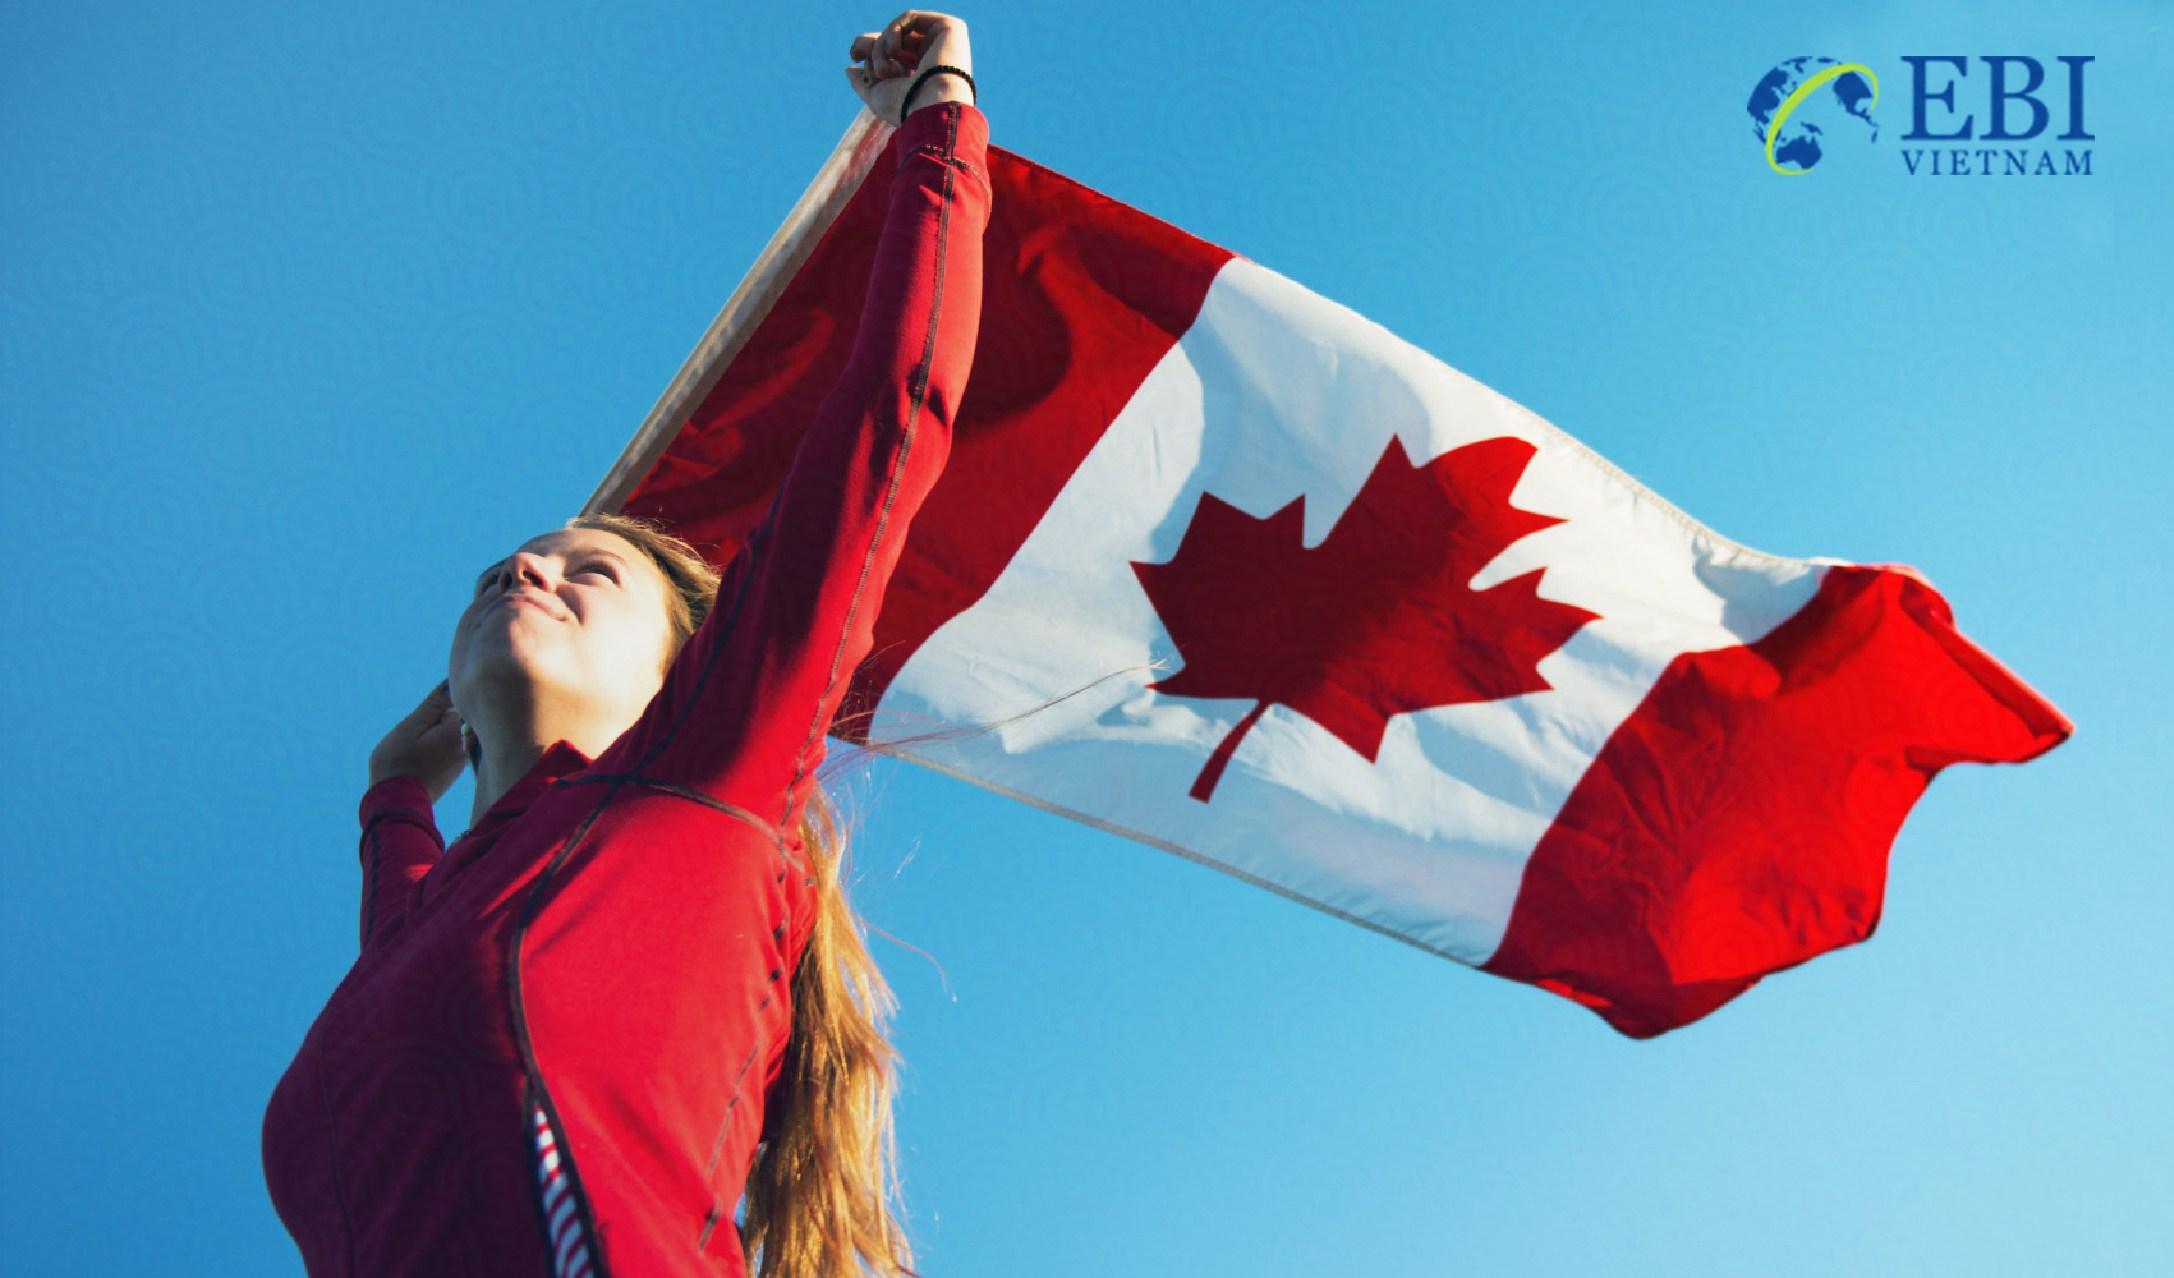 du học Canada nhận được sự quan tâm đông đảo của sinh viên